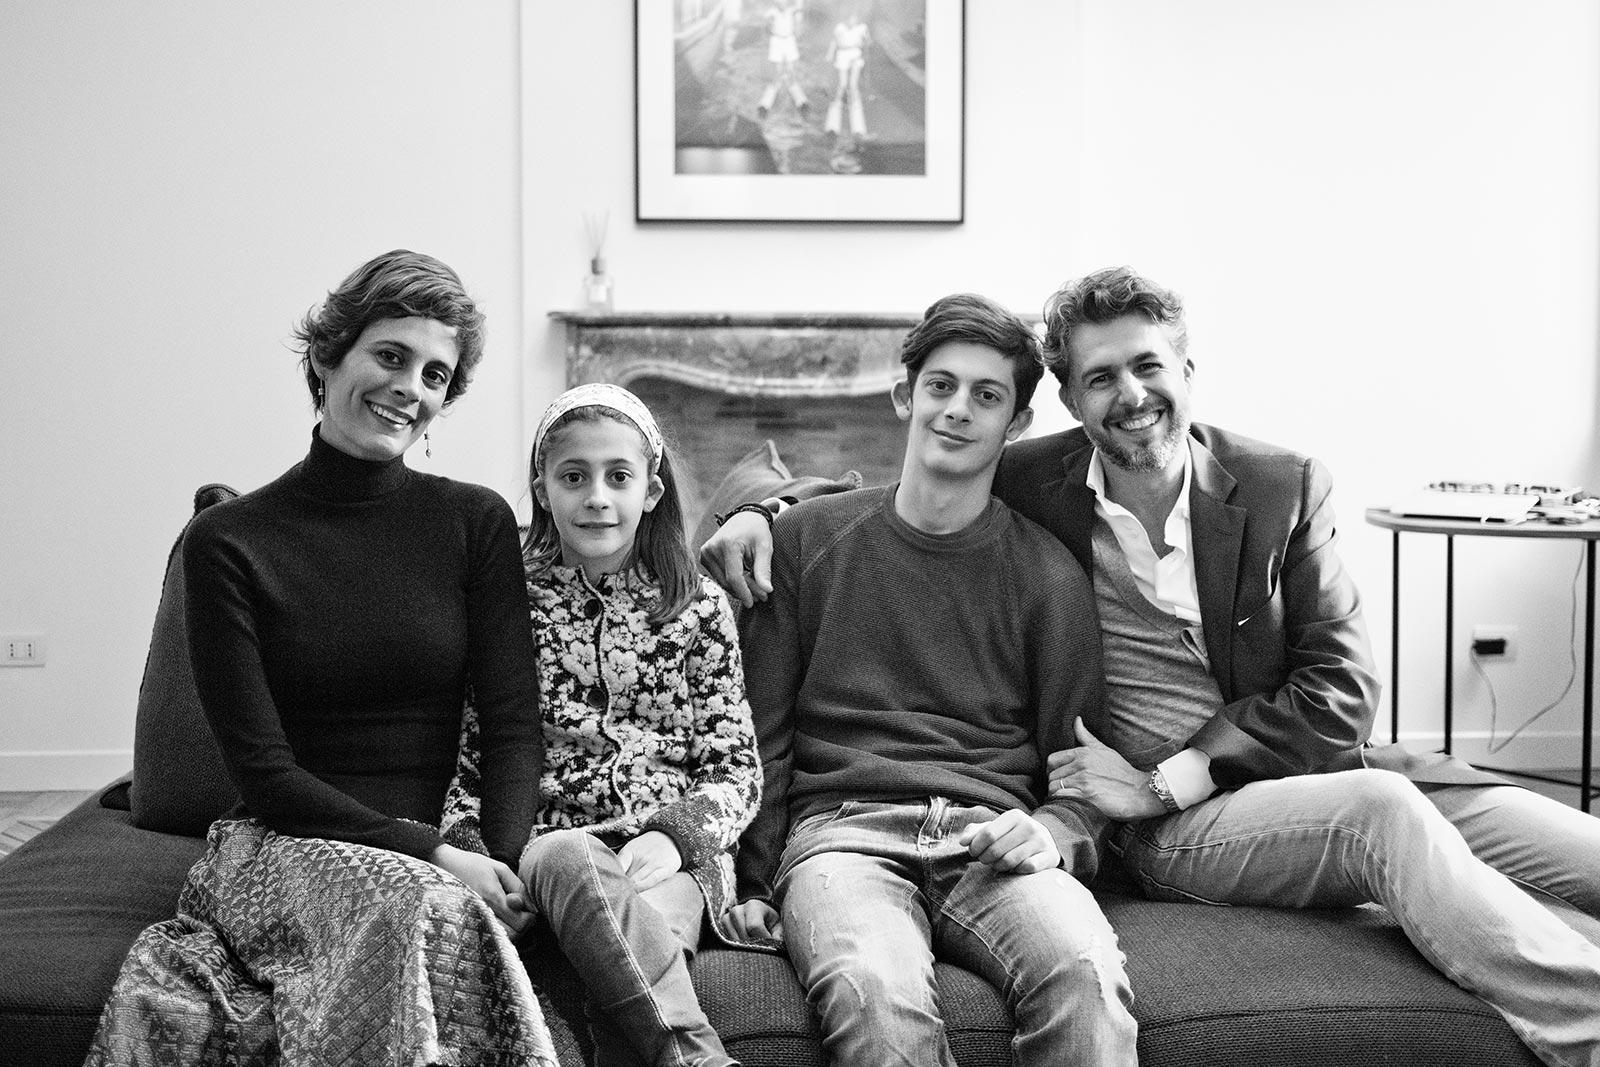 Heiby & Gioele Romanelli con i loro figli Alma & Noah.